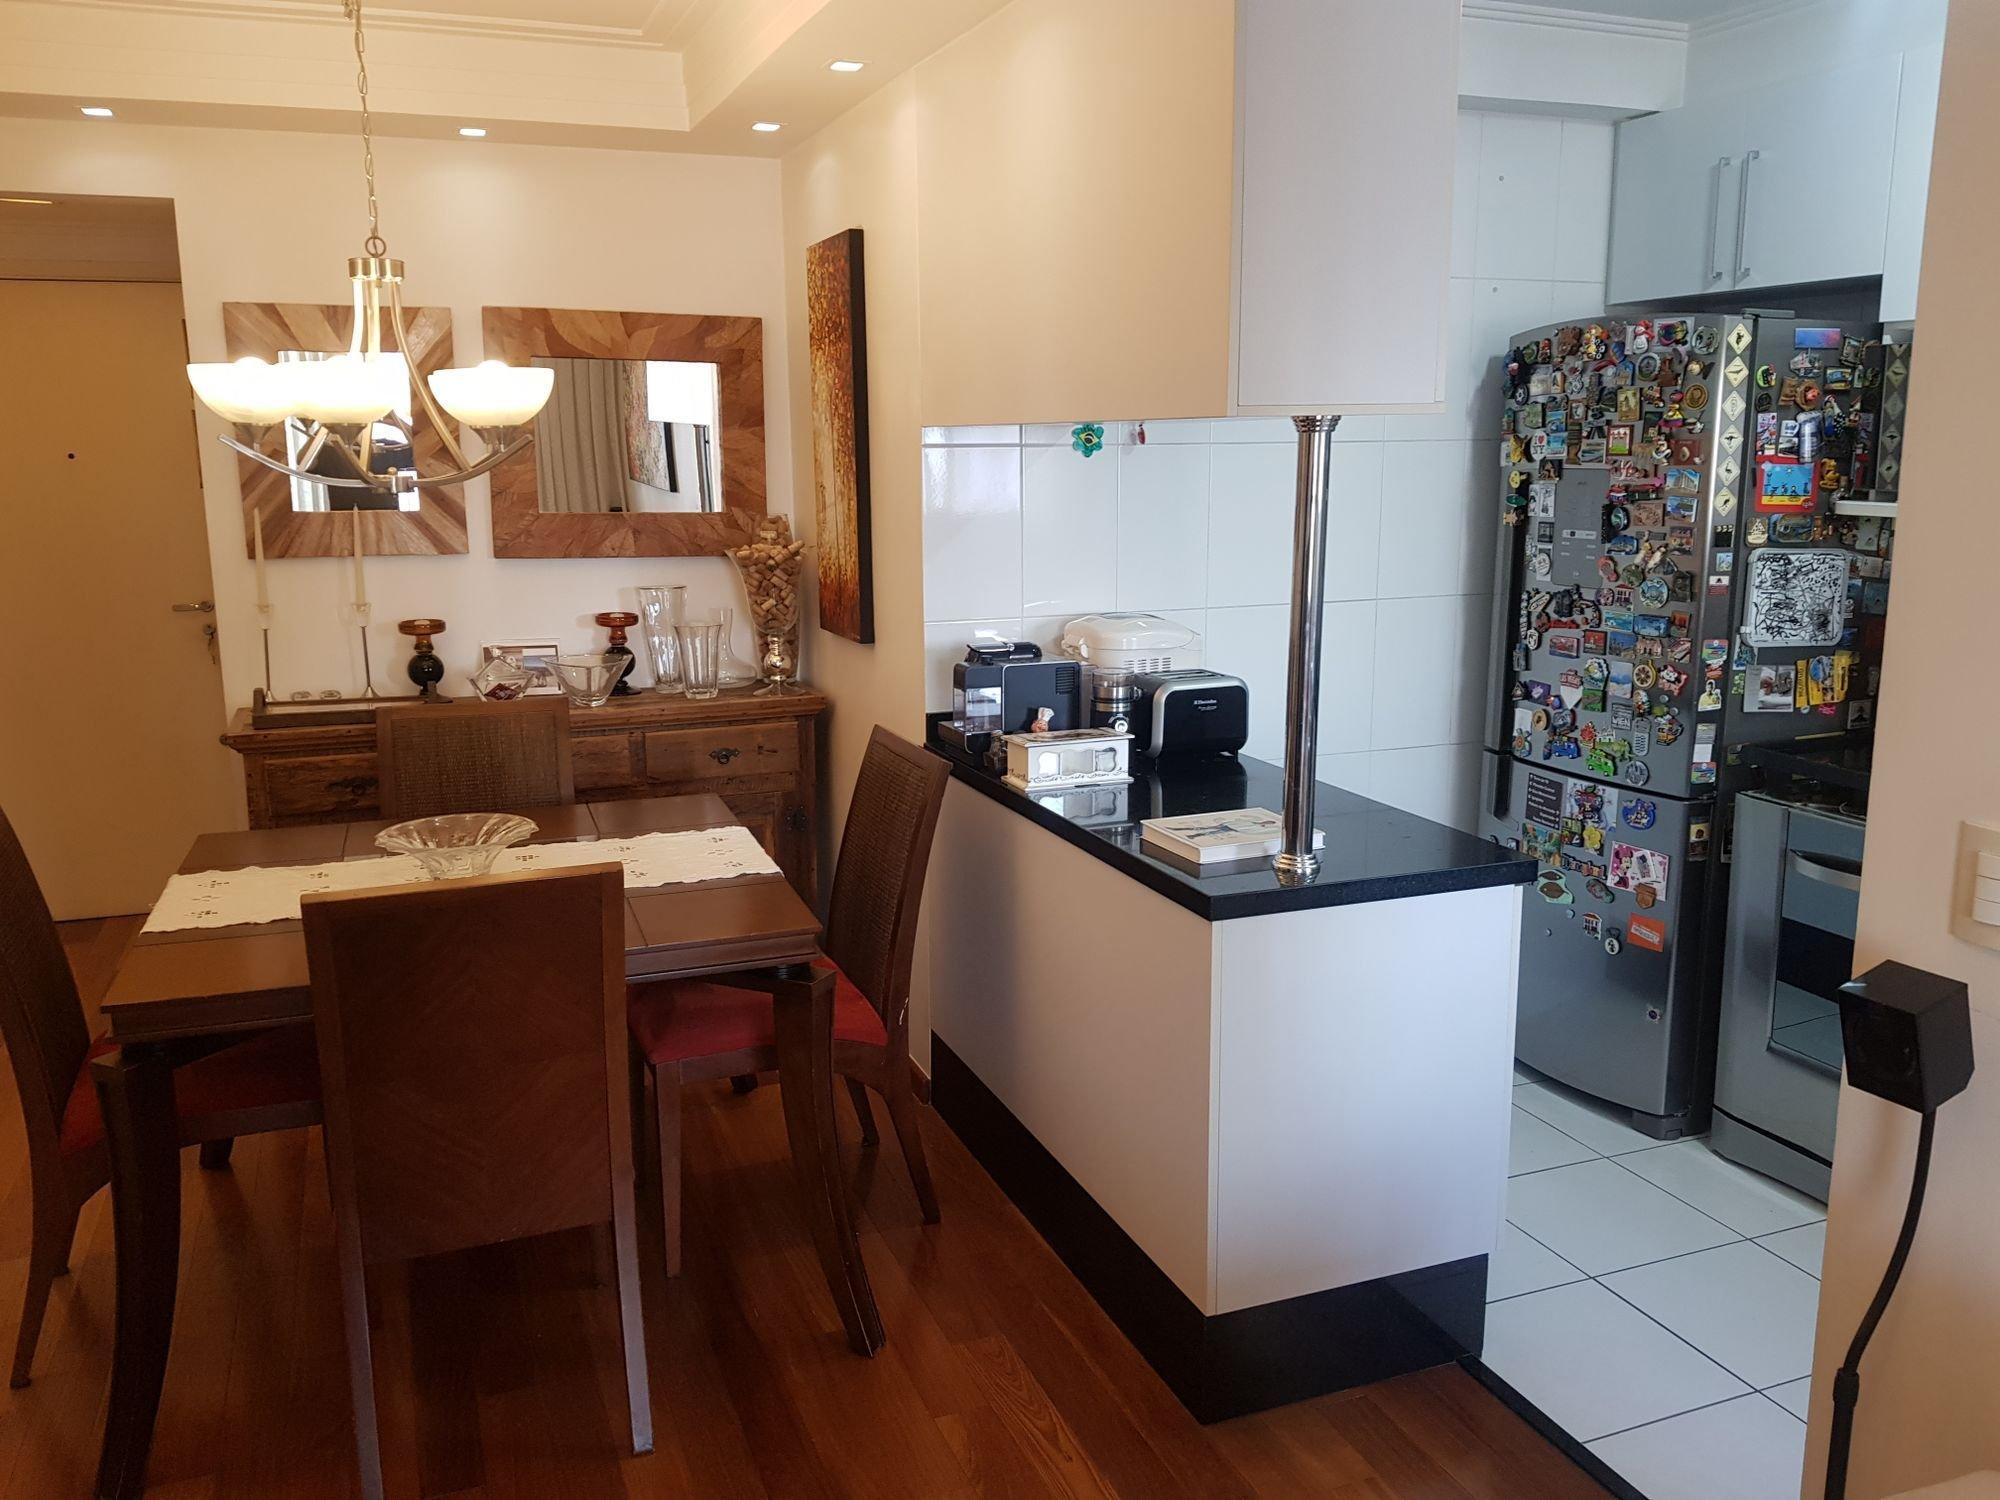 Foto de Cozinha com geladeira, cadeira, livro